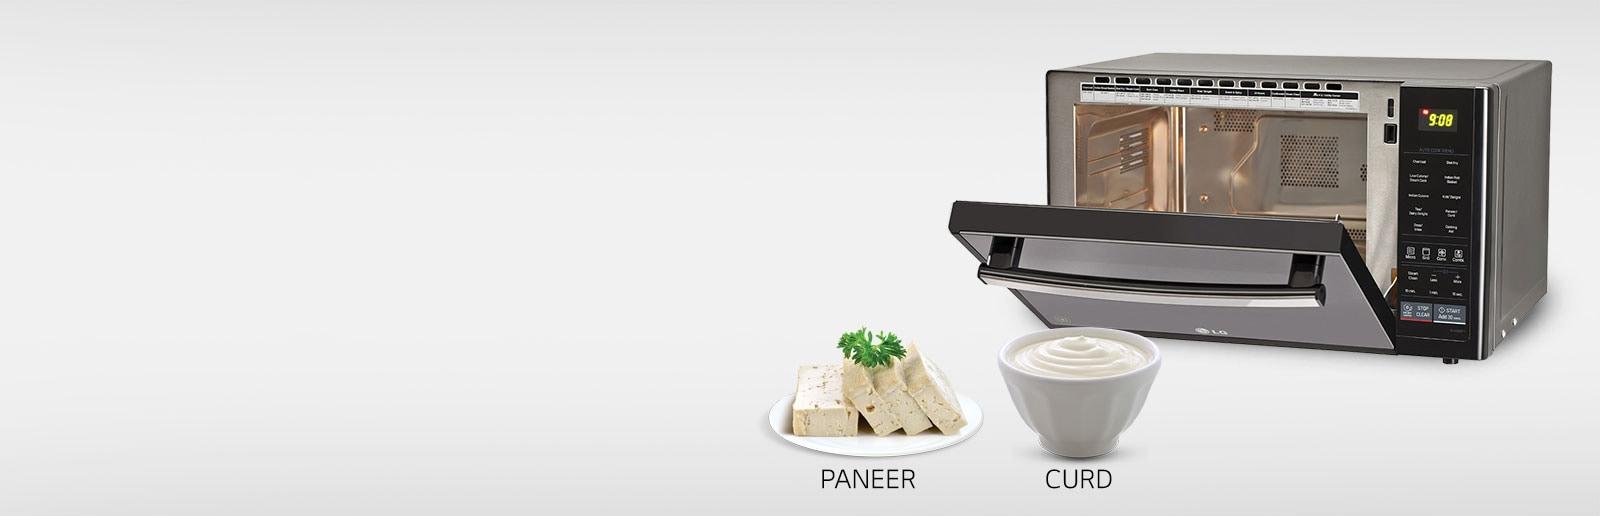 Paneer/Curd1